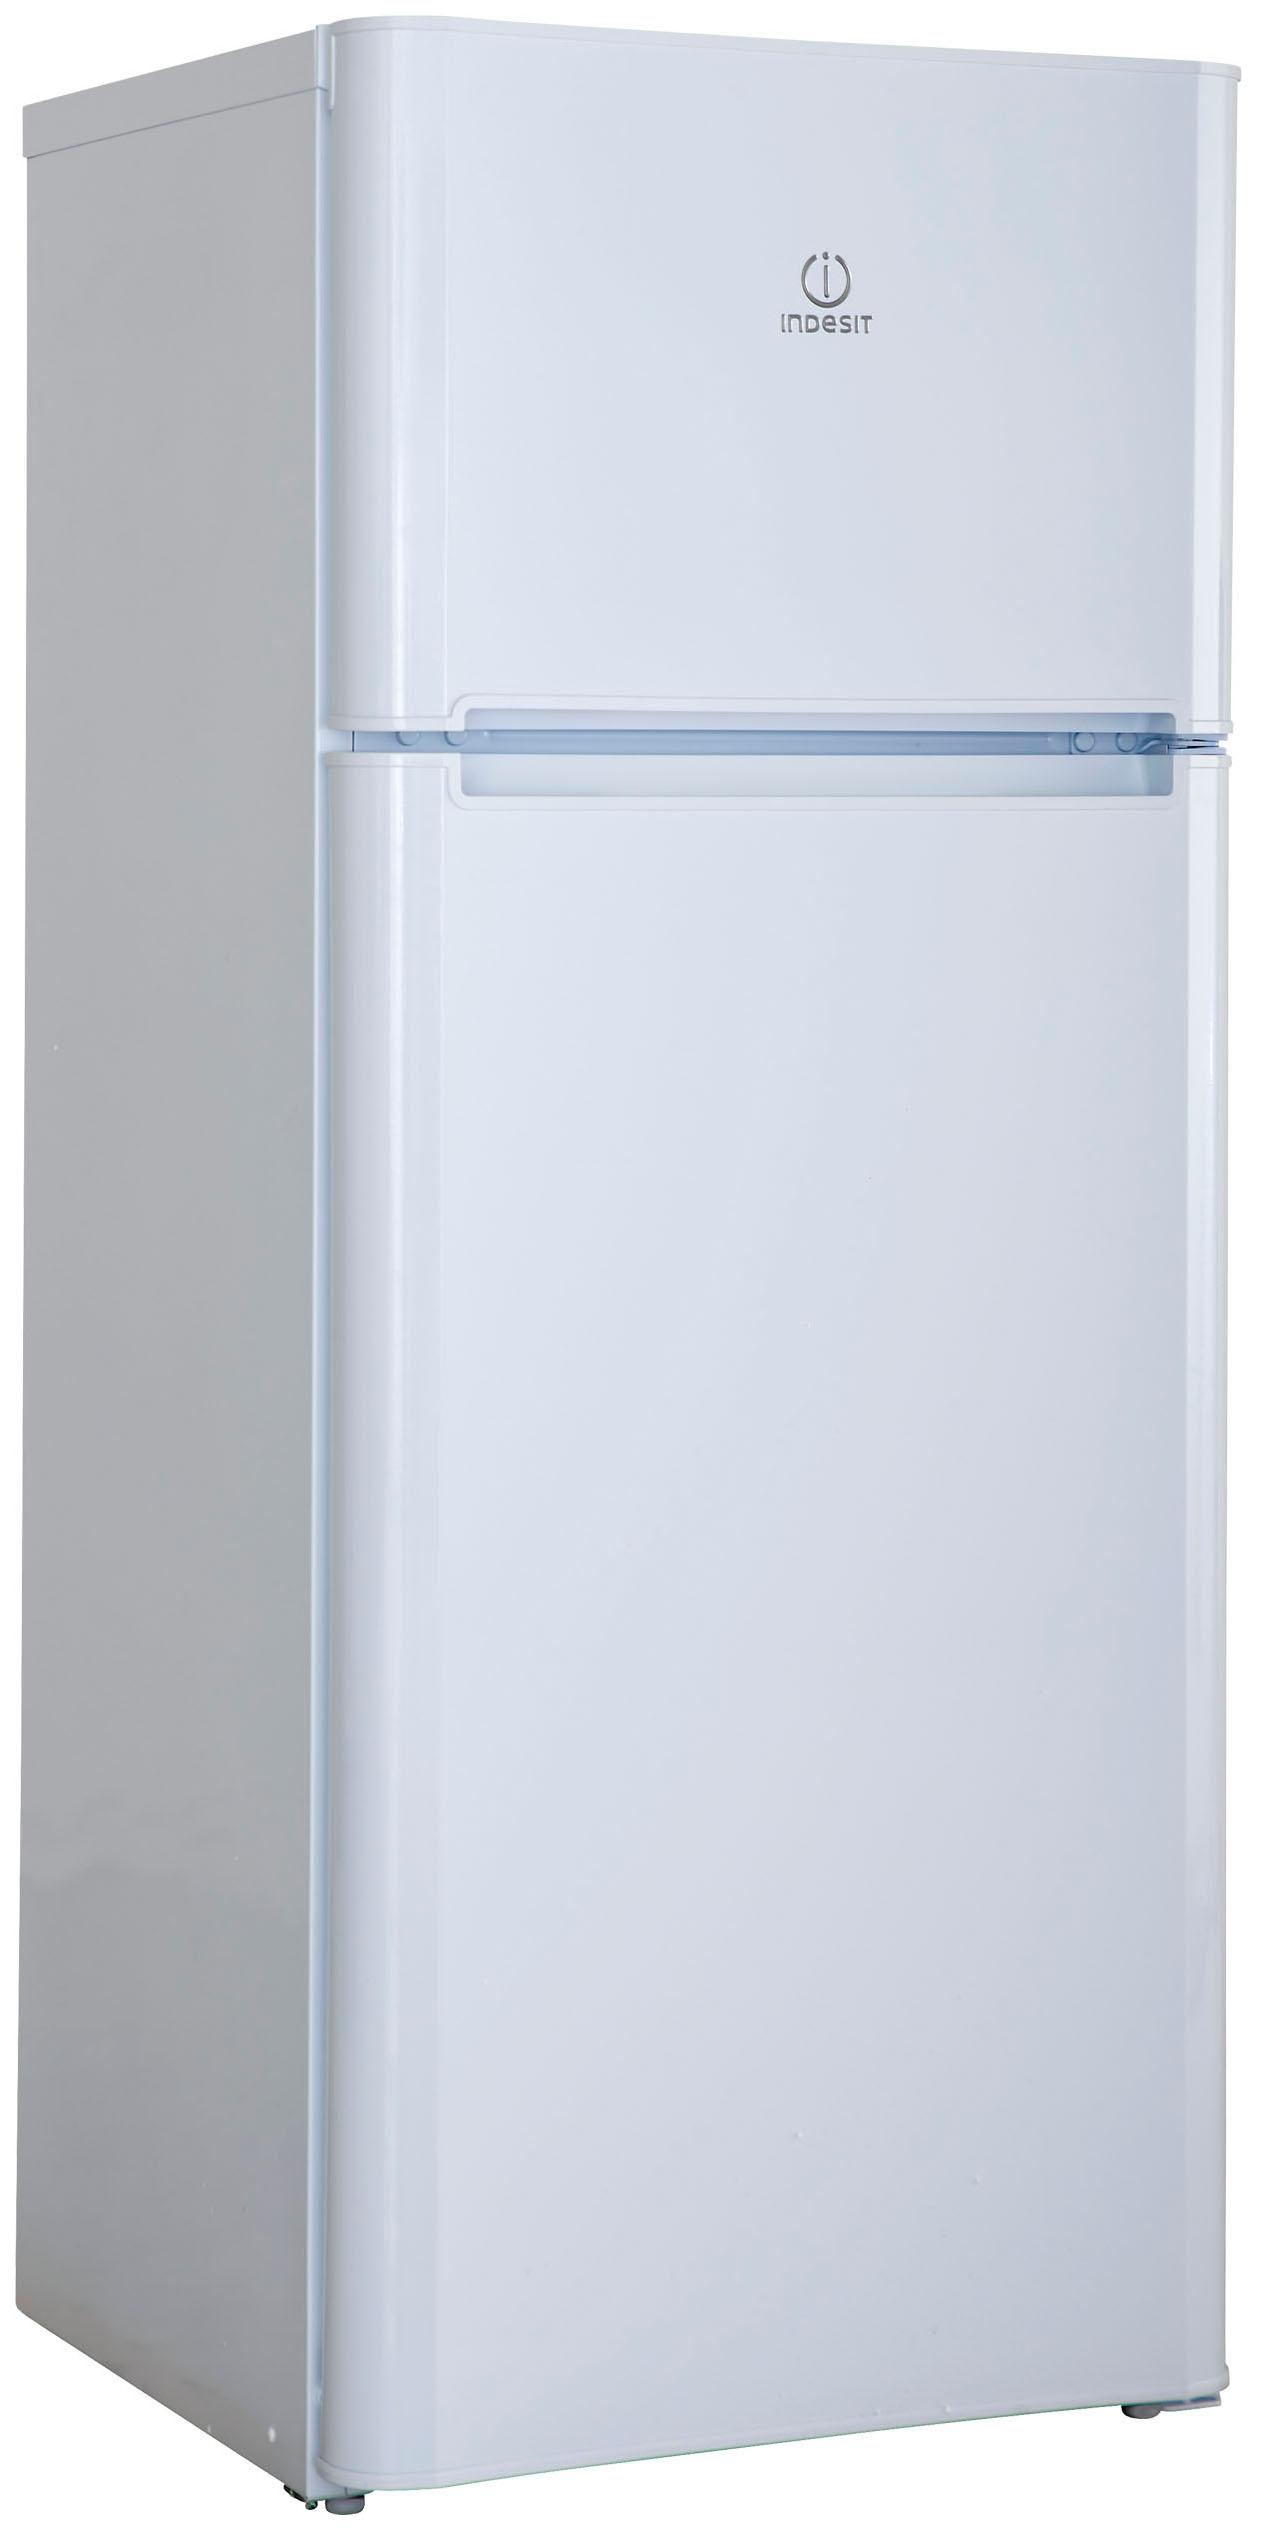 Холодильник Indesit TIA 140 White